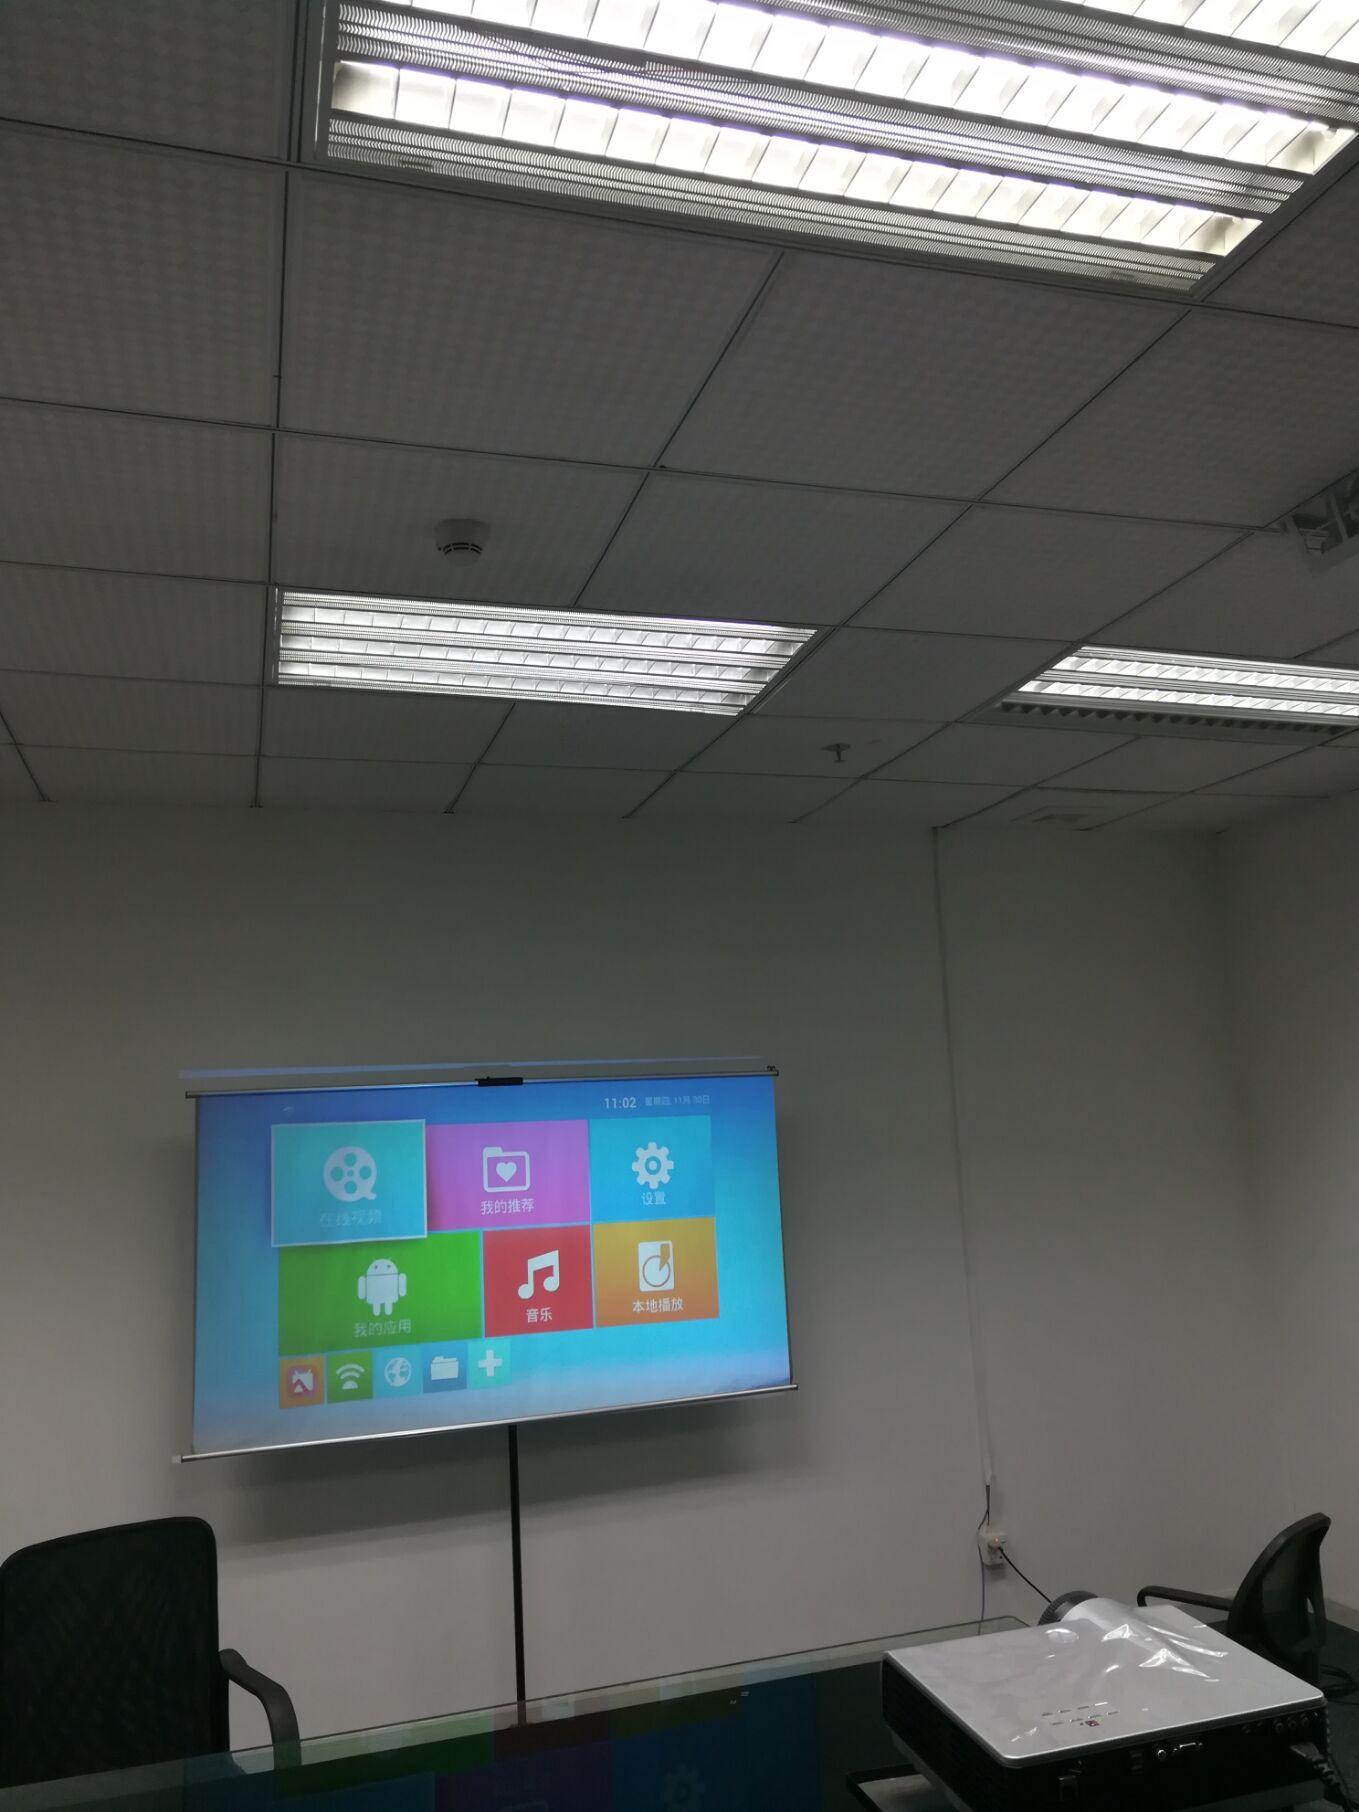 彩语P800无屏电视 投影仪WIFI.安卓led家用商务投影机.抗光幕